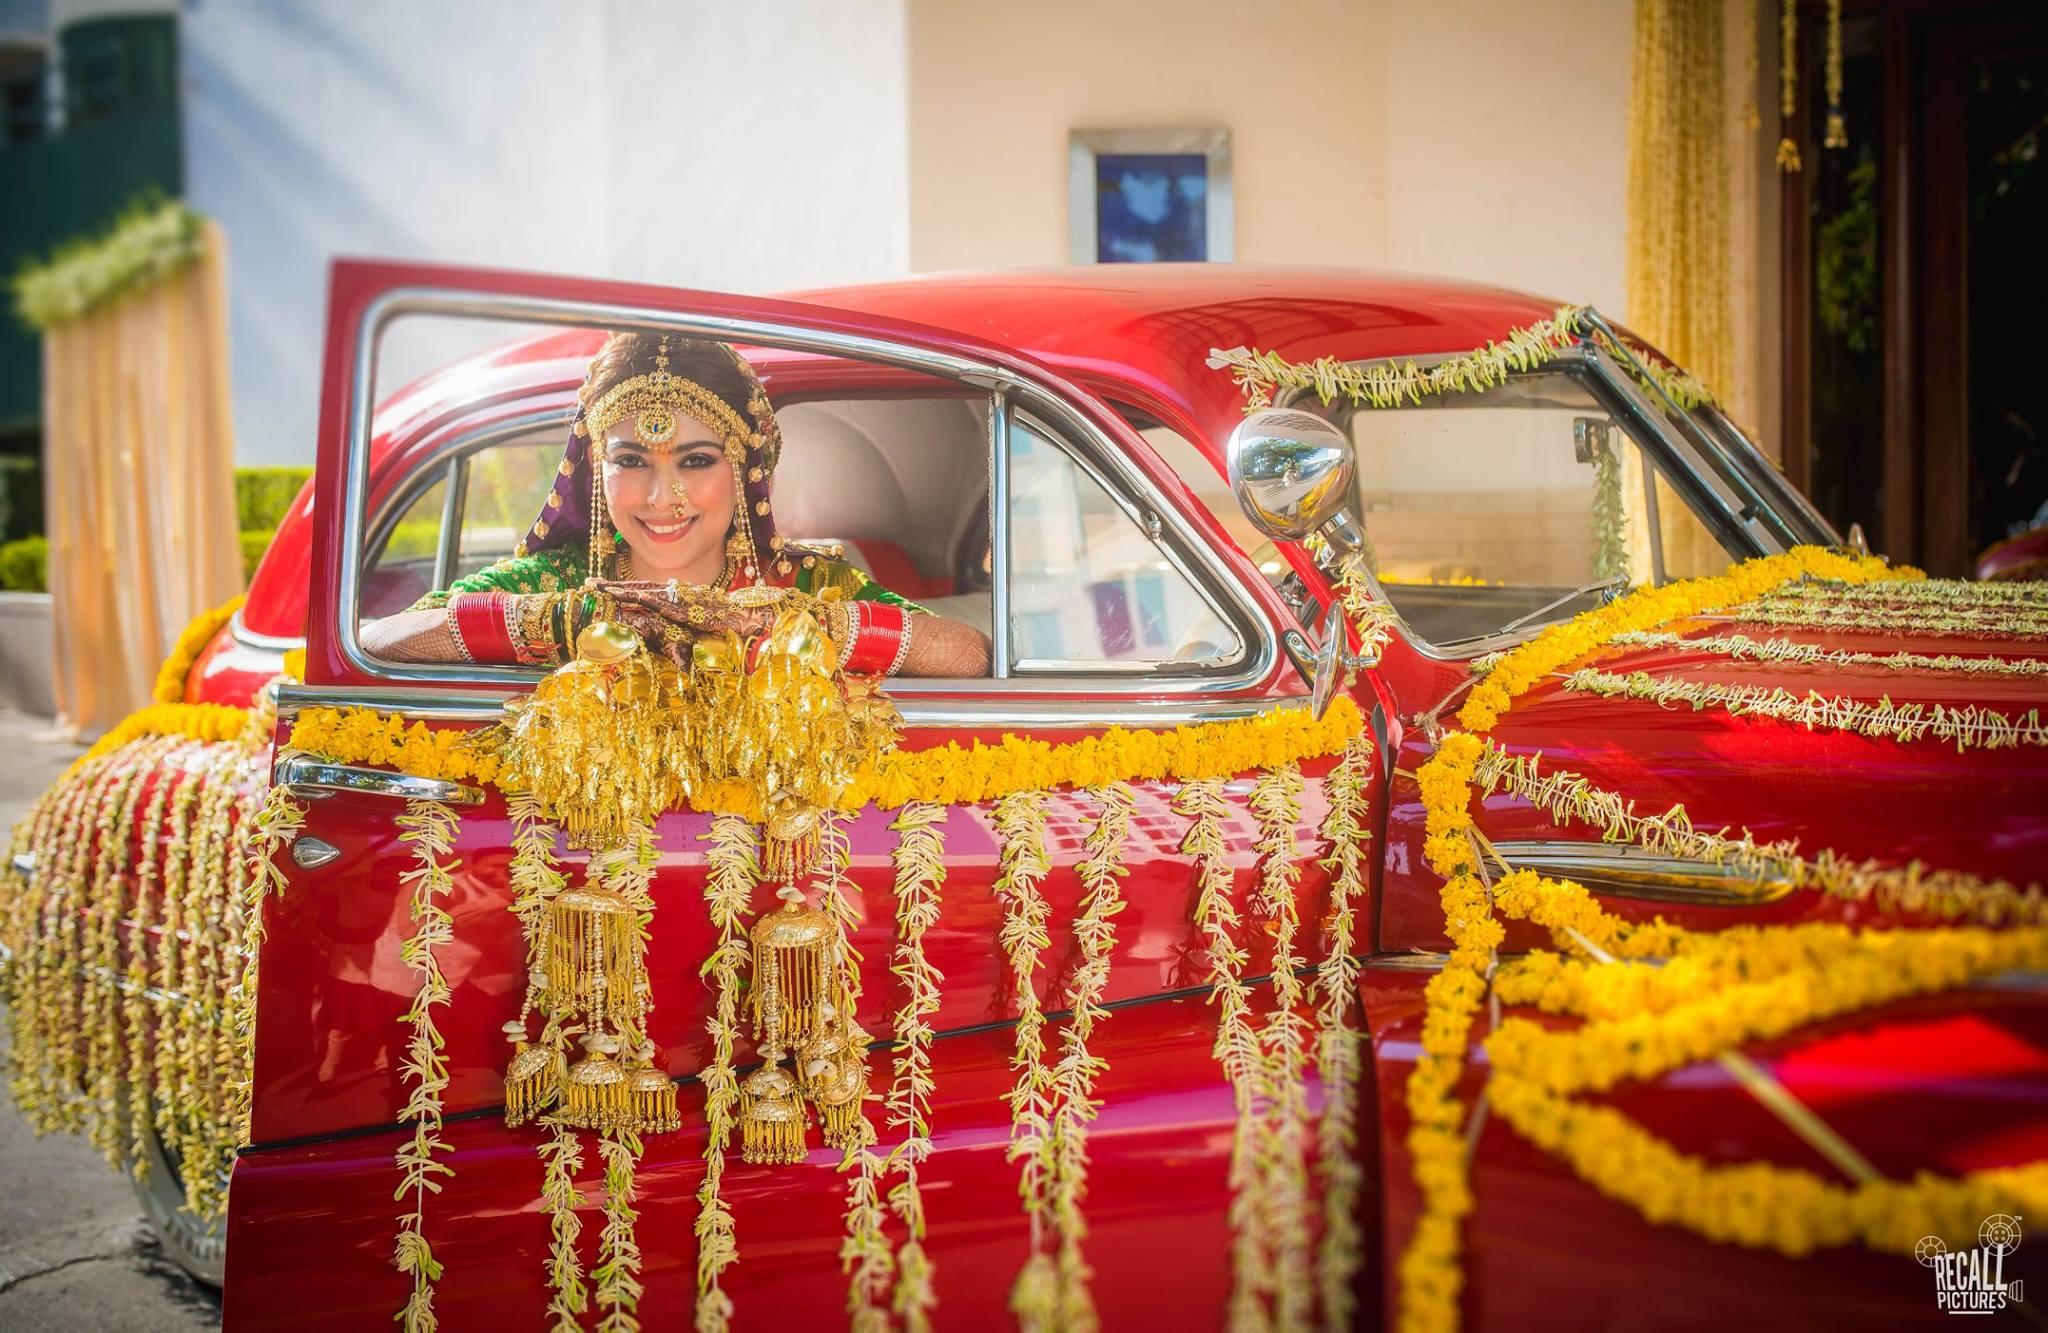 bridal entry ideas, kaleera, bride entry in car, bridal jewelery